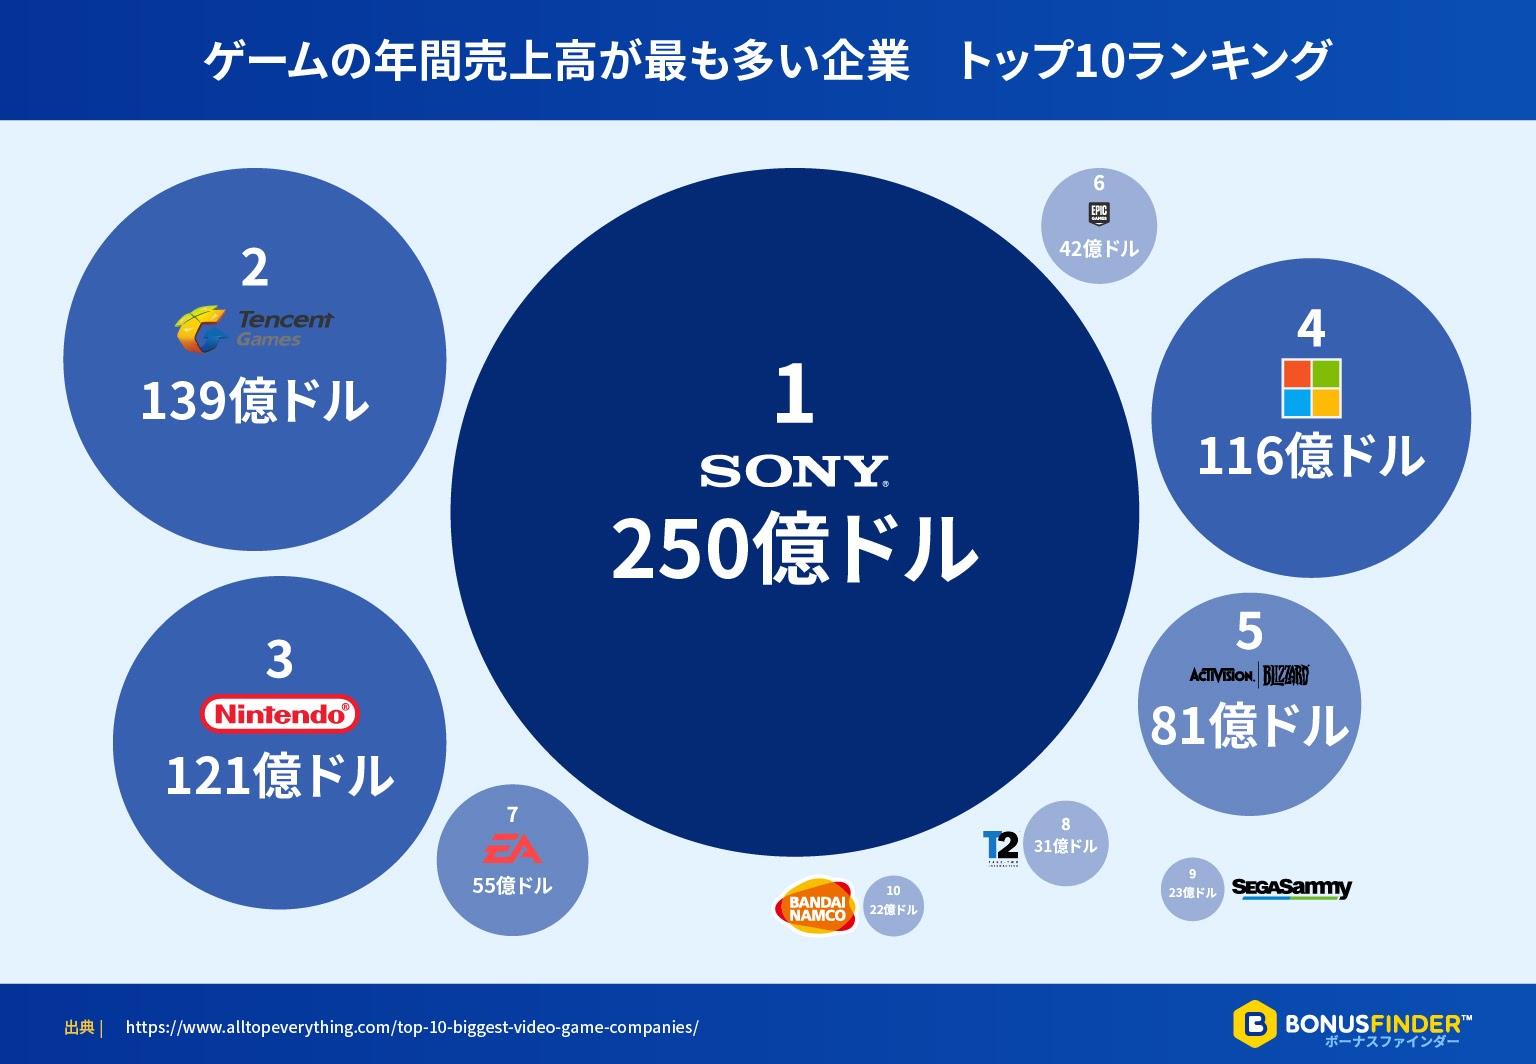 ゲームの年間売上高が最も多い企業 トップ10ランキング